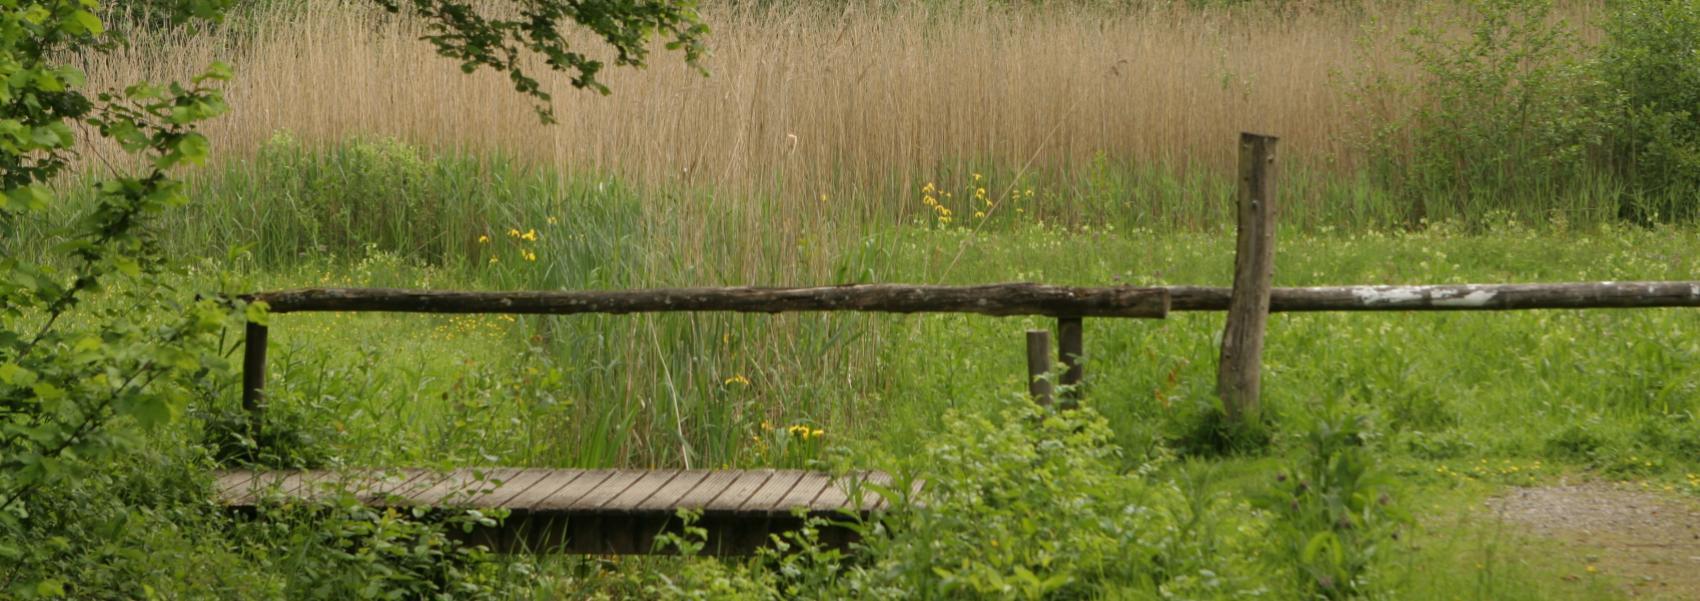 een knuppelpad in het landschap